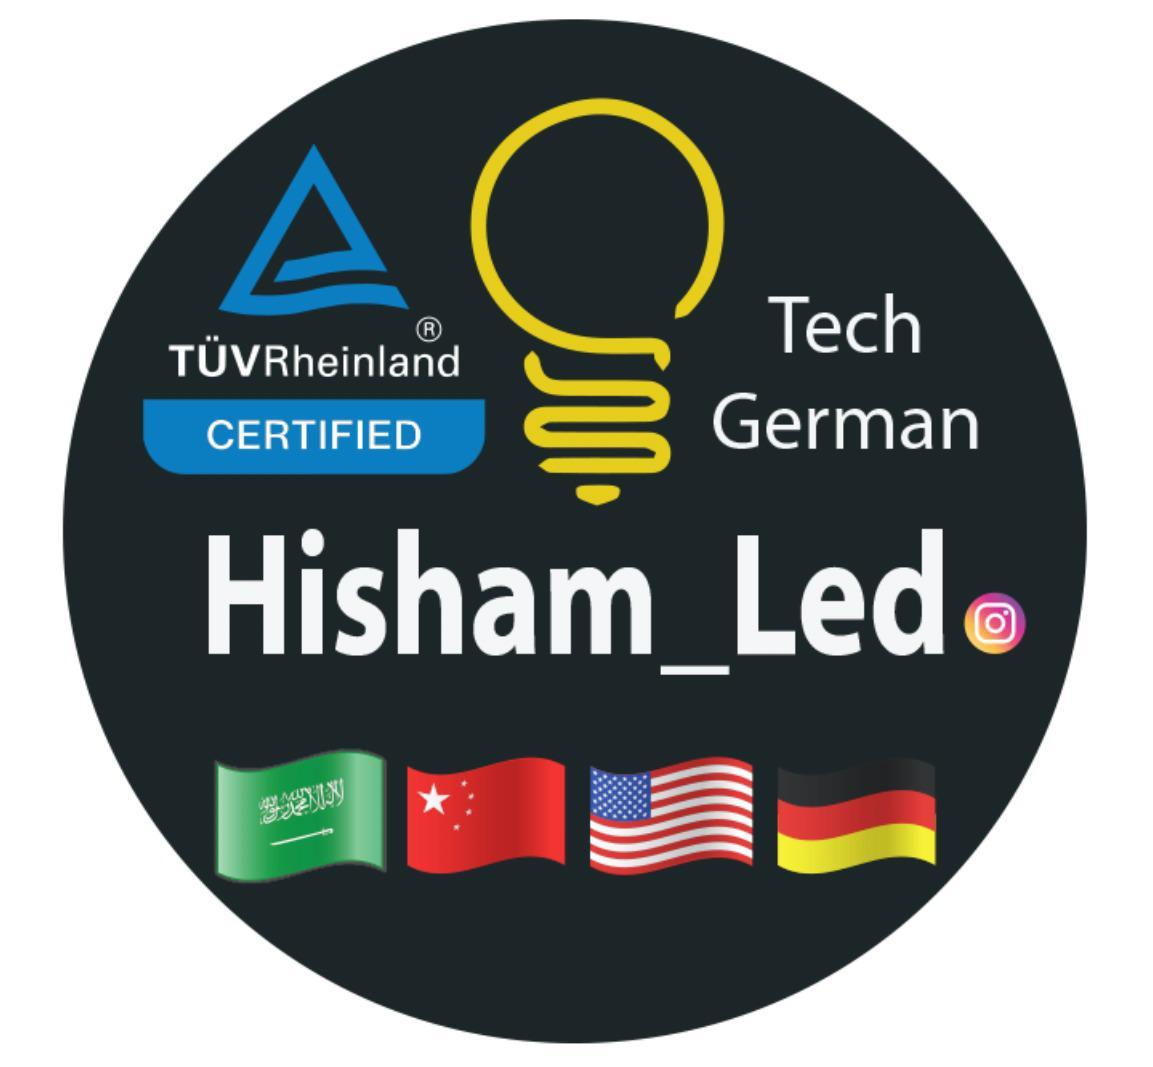 مؤسسه هشام لإناره الليد للسيارات شركه بروماكس تقنيه المانية 0565521979 P_1785typd51